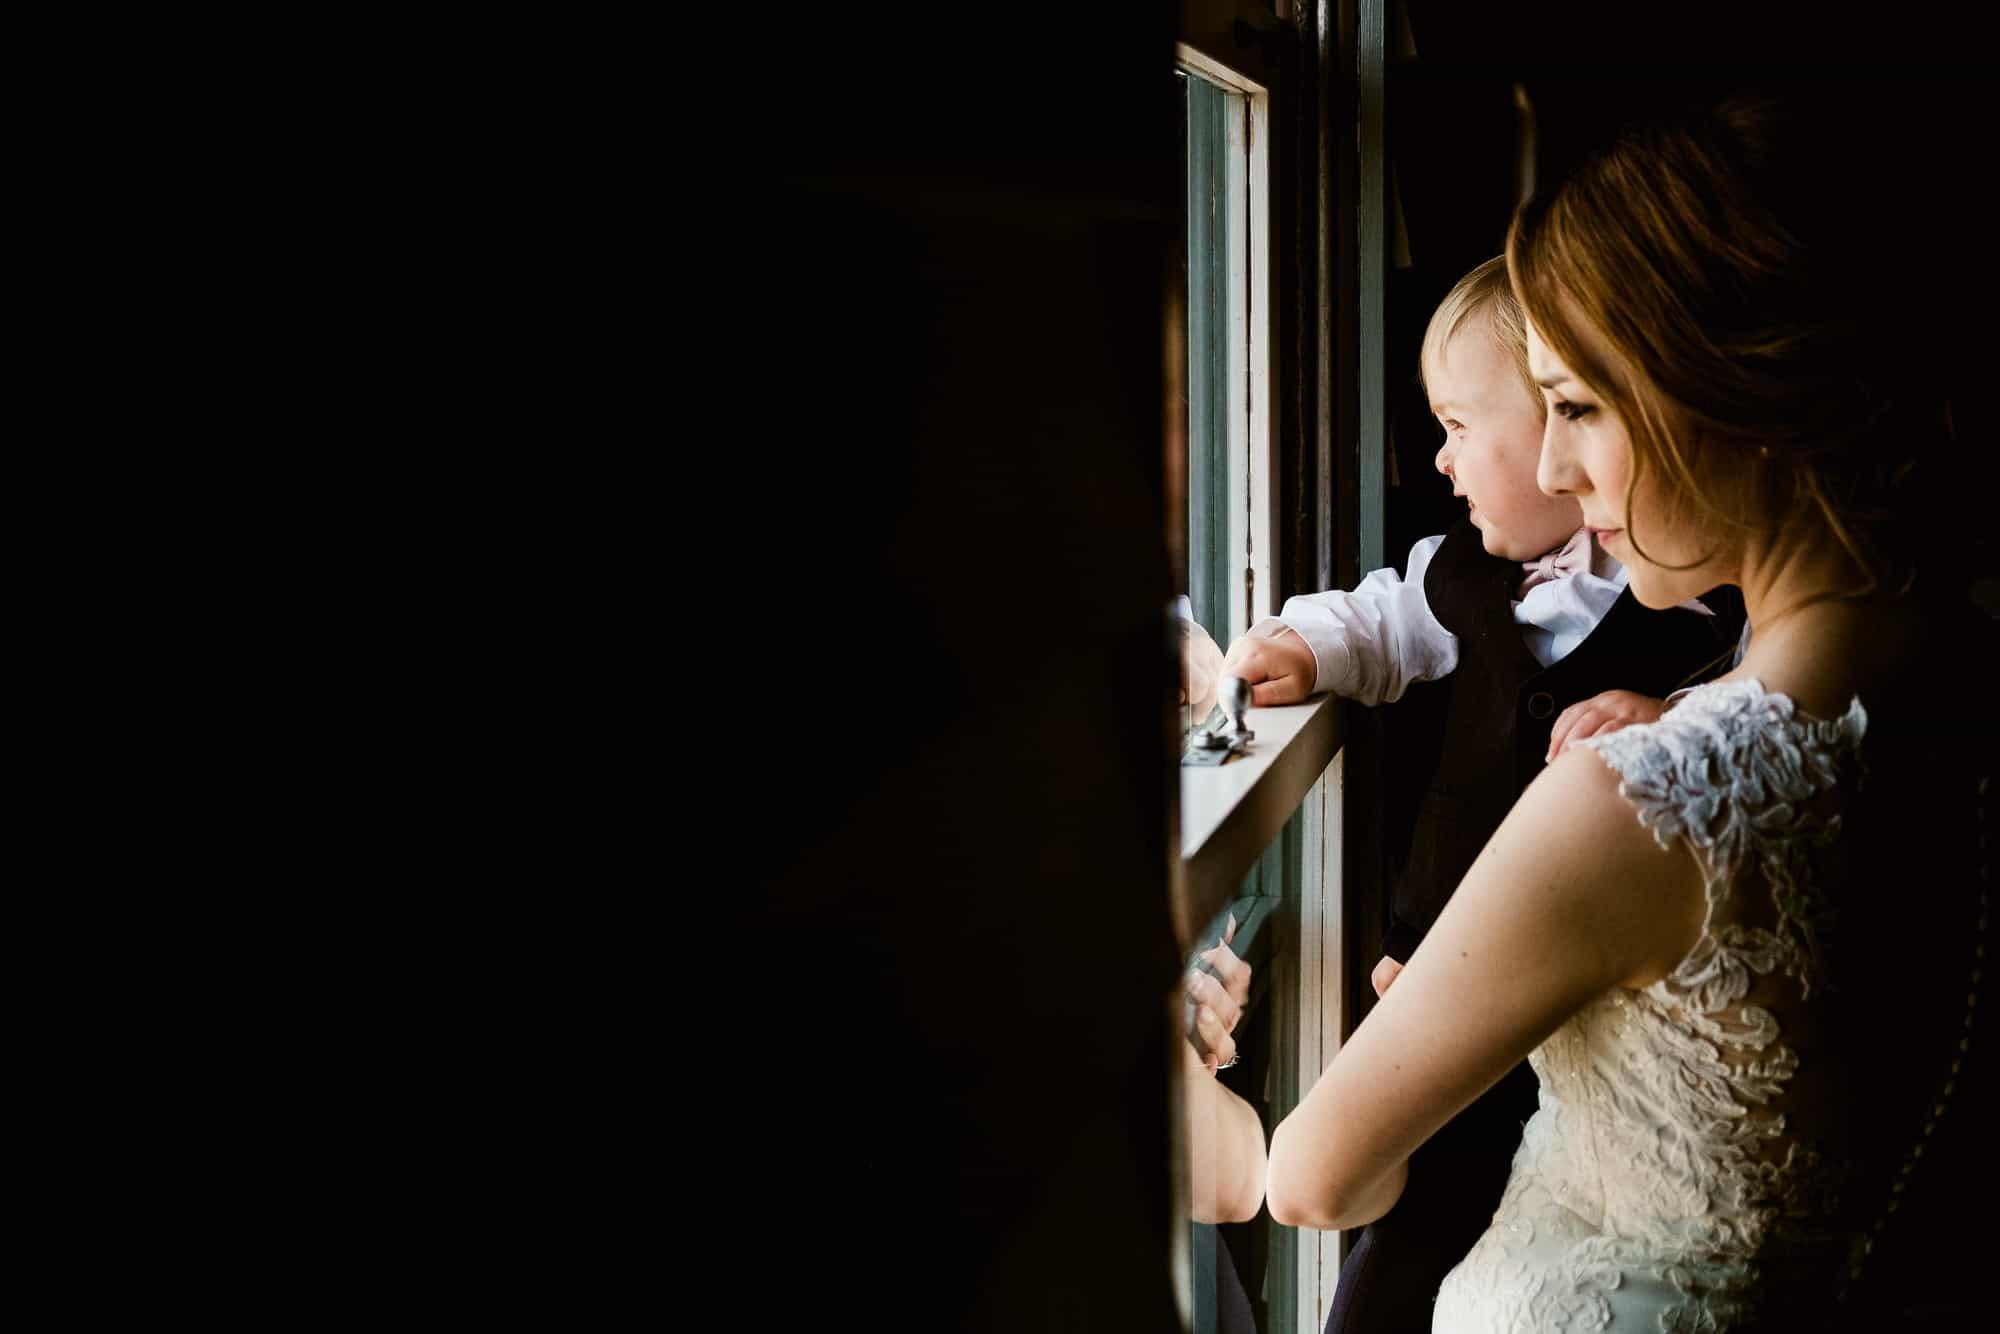 east-quay-wedding-photographer-matt-tyler-0025